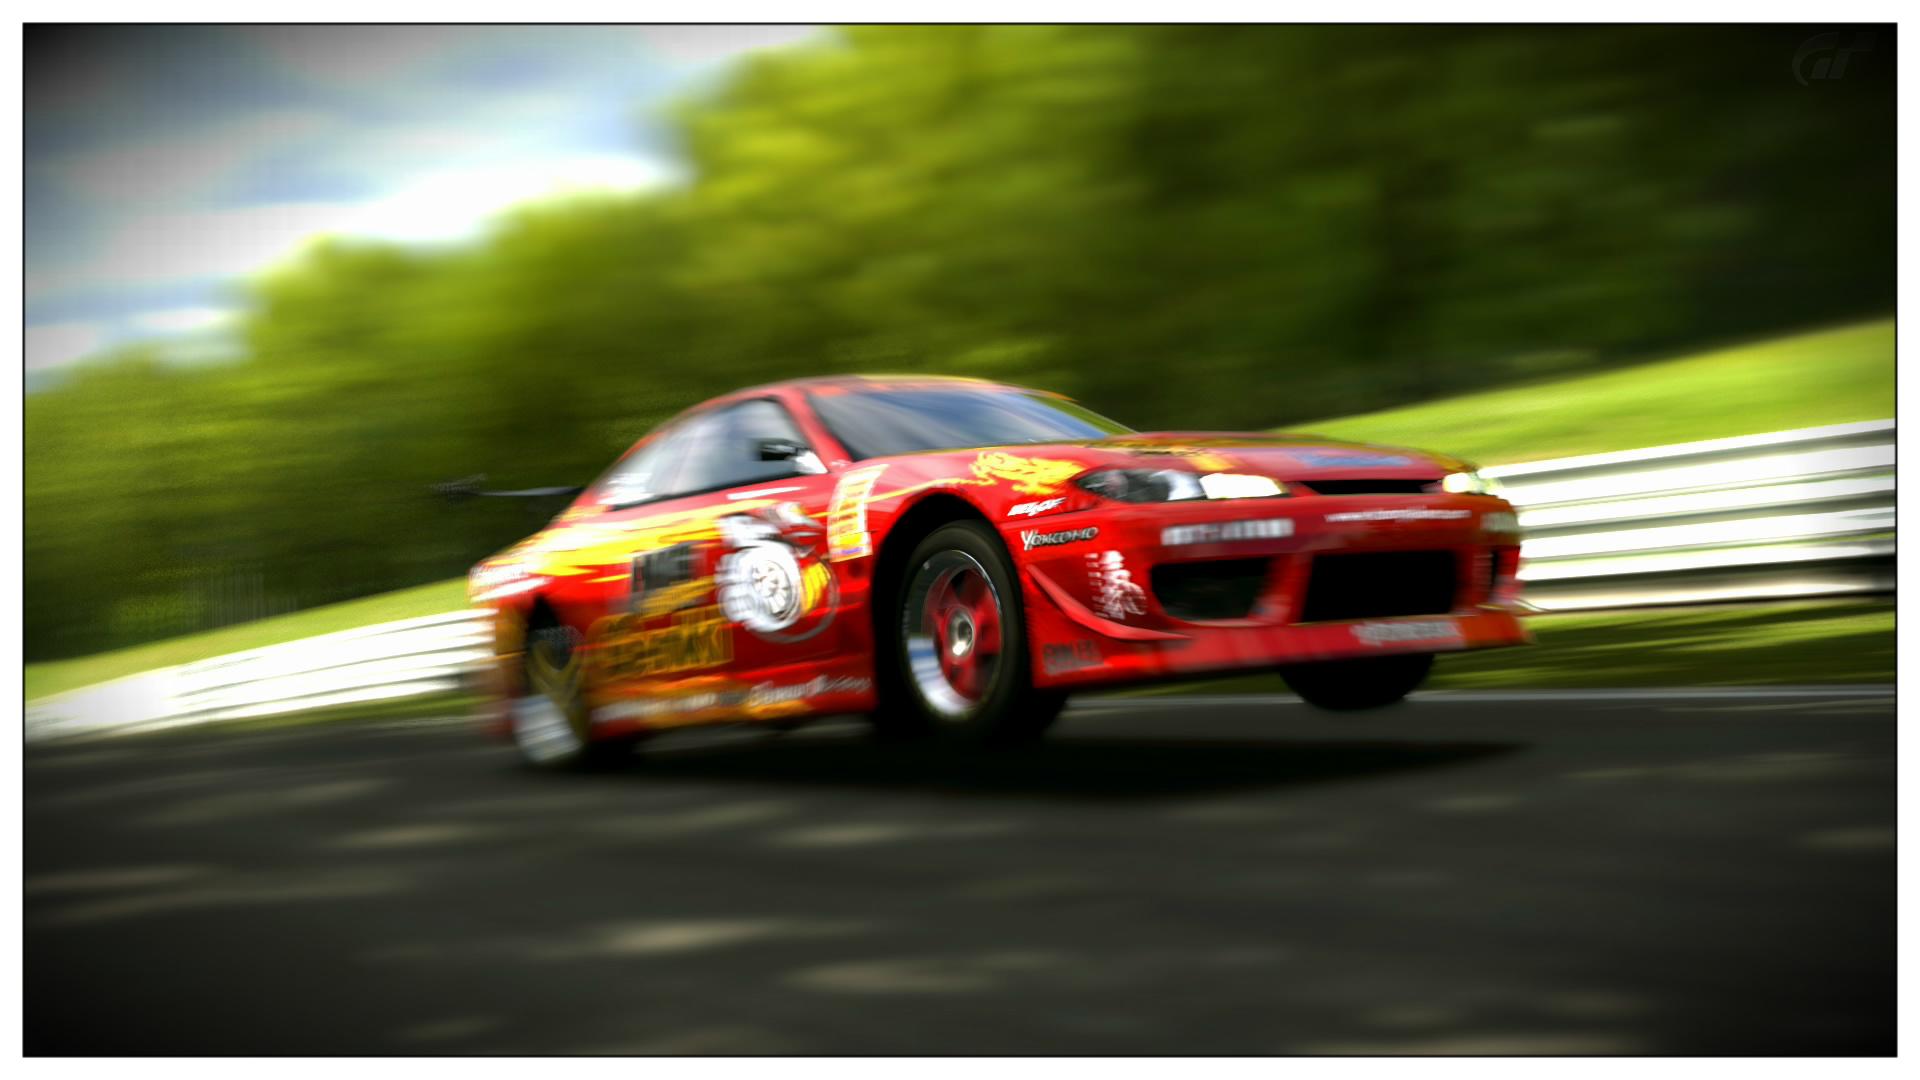 Du jeu vidéo à la réalité – Nürburgring